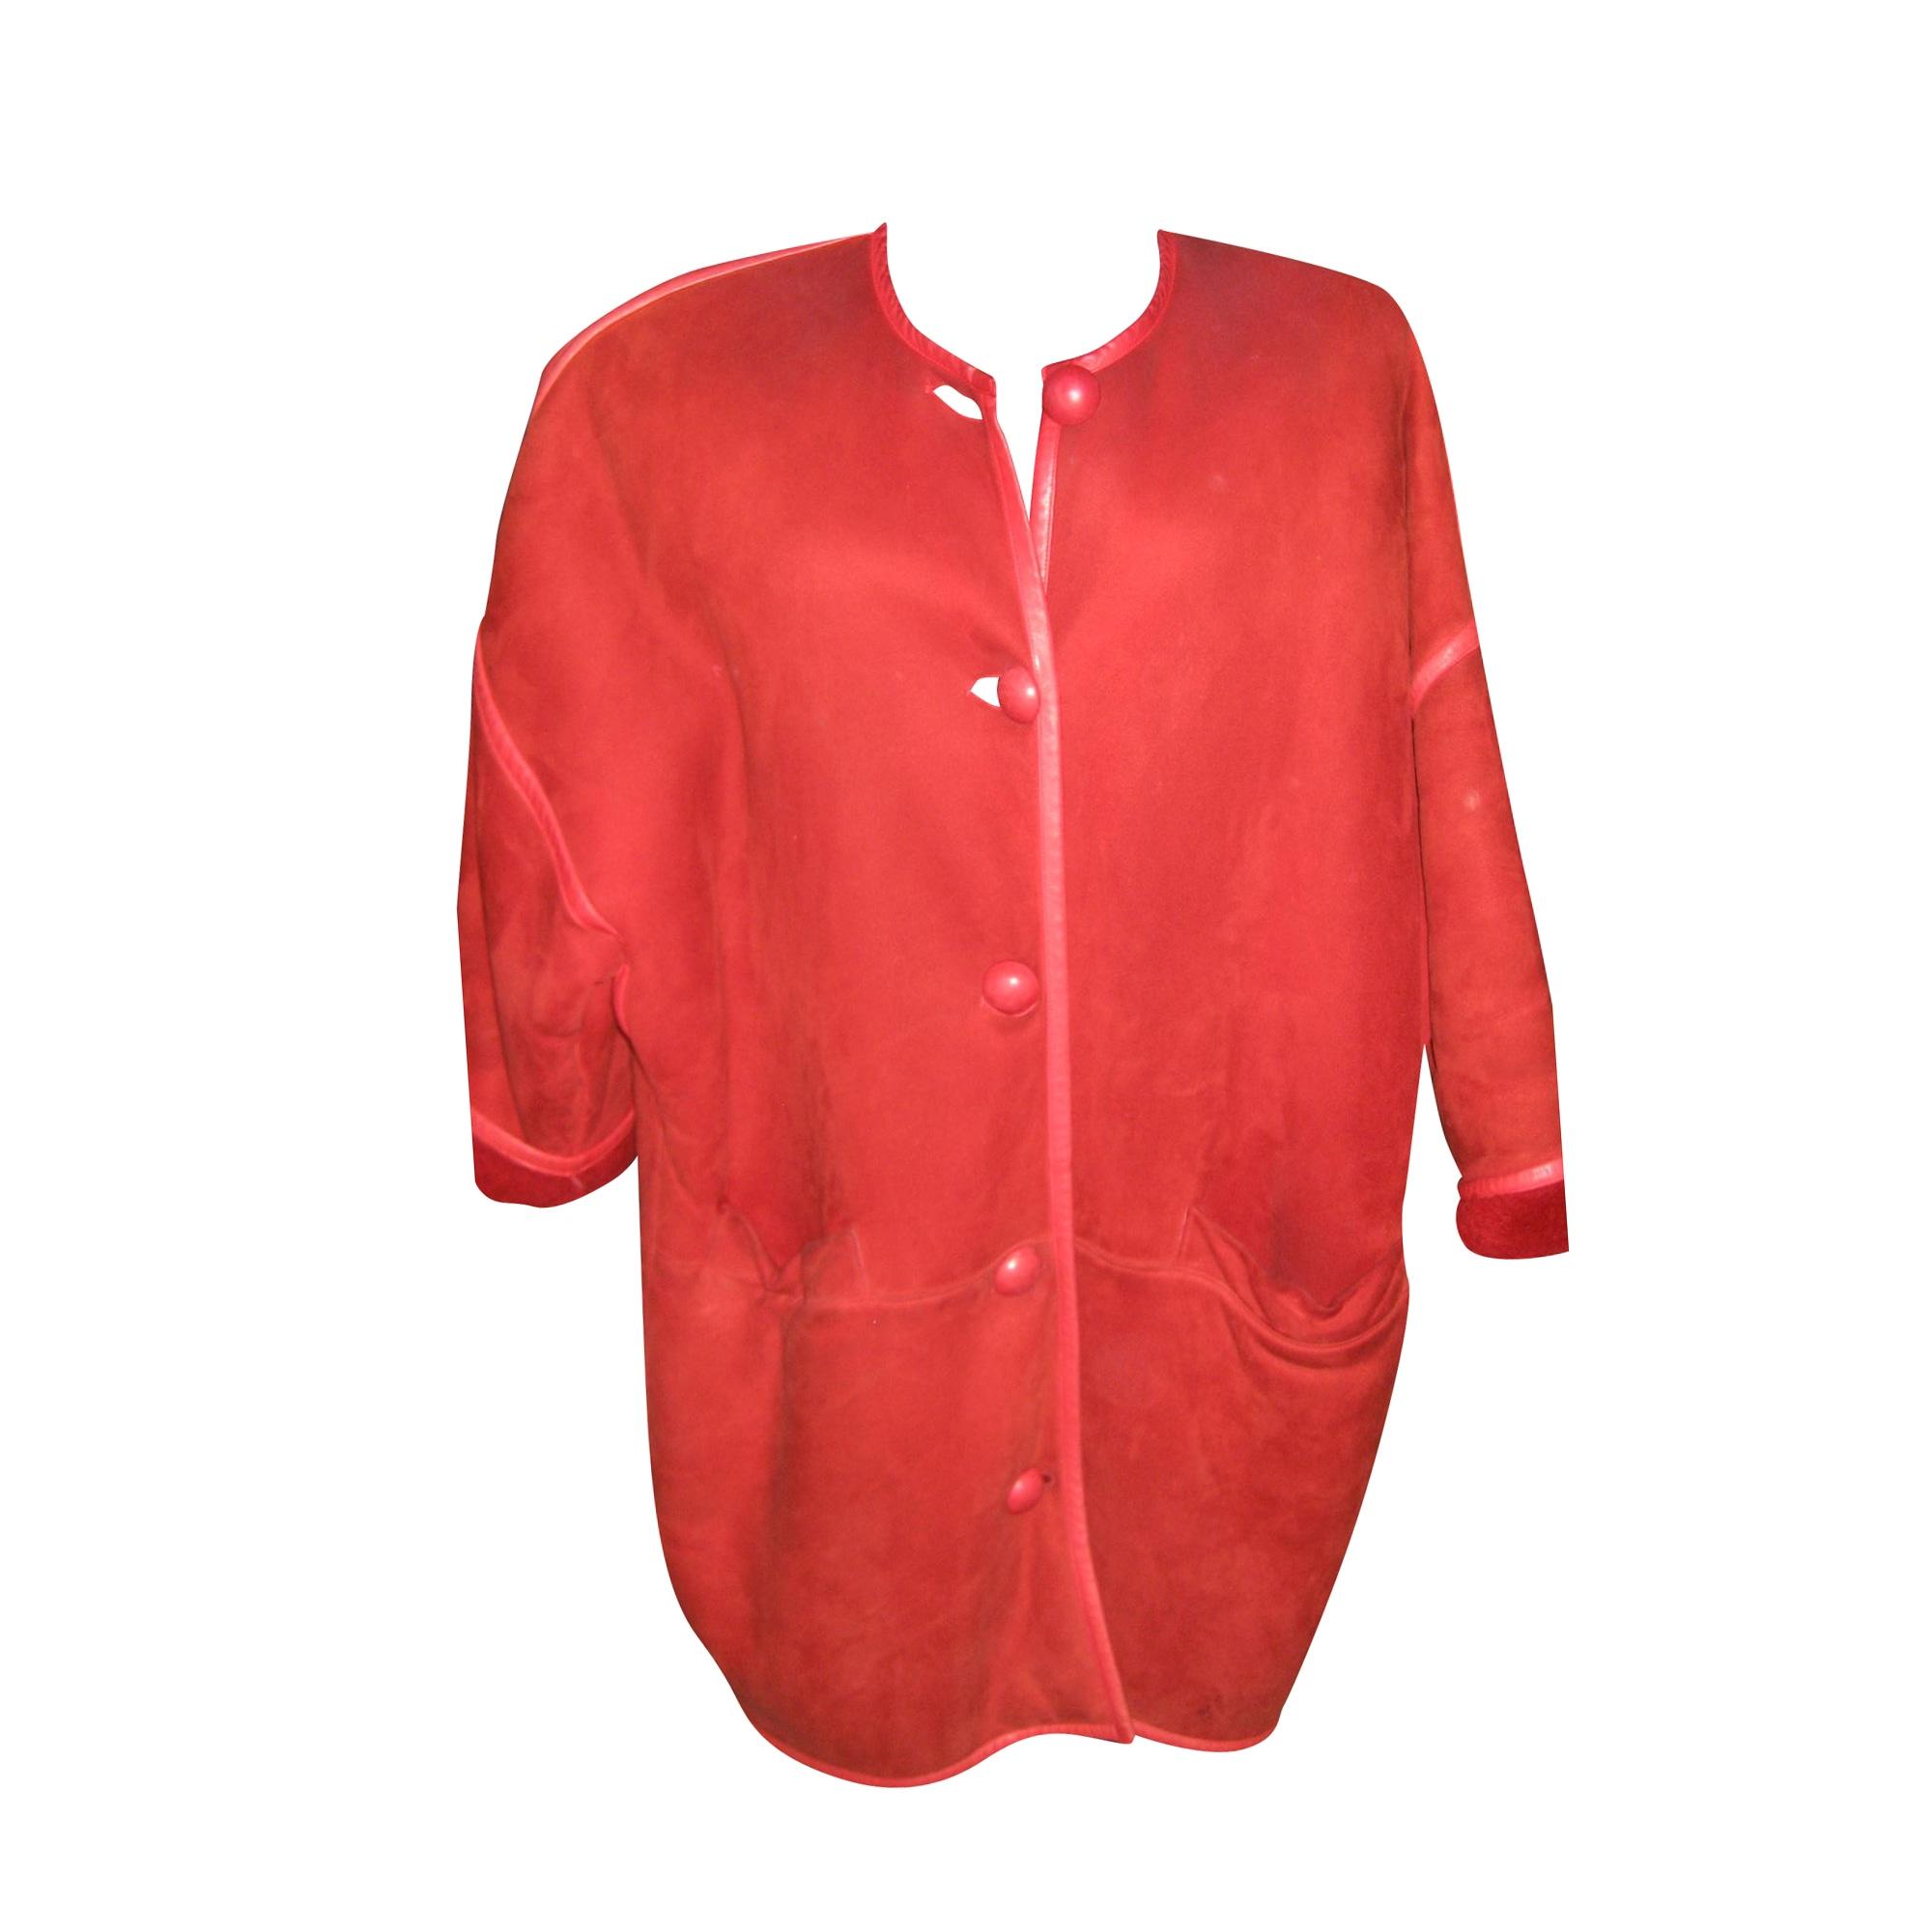 Blouson, veste en fourrure GEORGES RECH Rouge, bordeaux